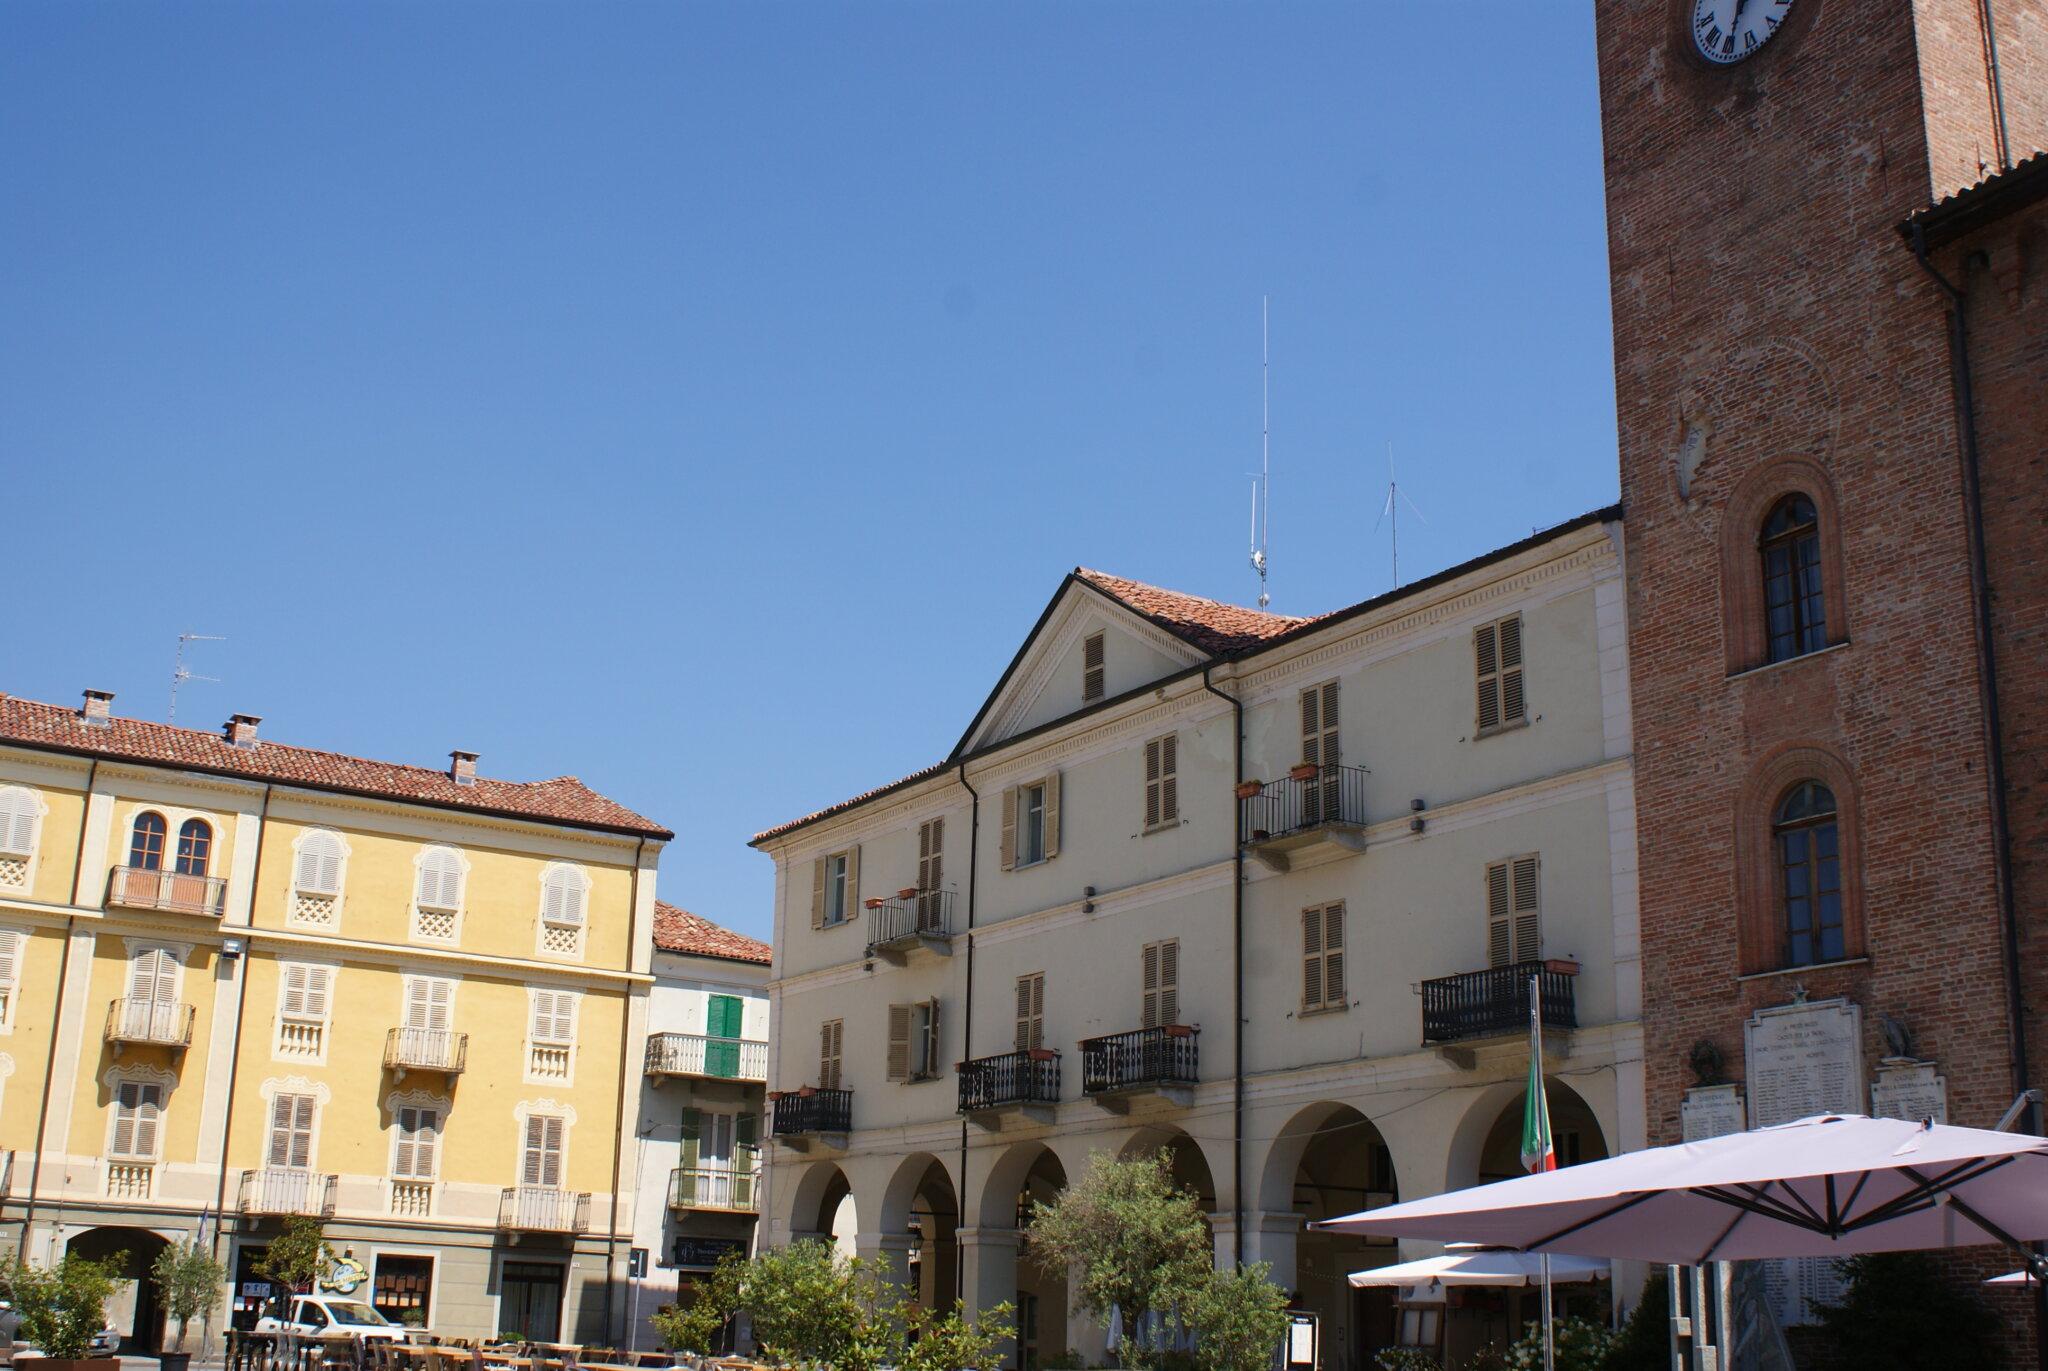 monferrato travel guide piemonte italy piedmont tips eat see do guida viaggio vedere mangiare fare turismo tourism trip francinesplaceblog nizza